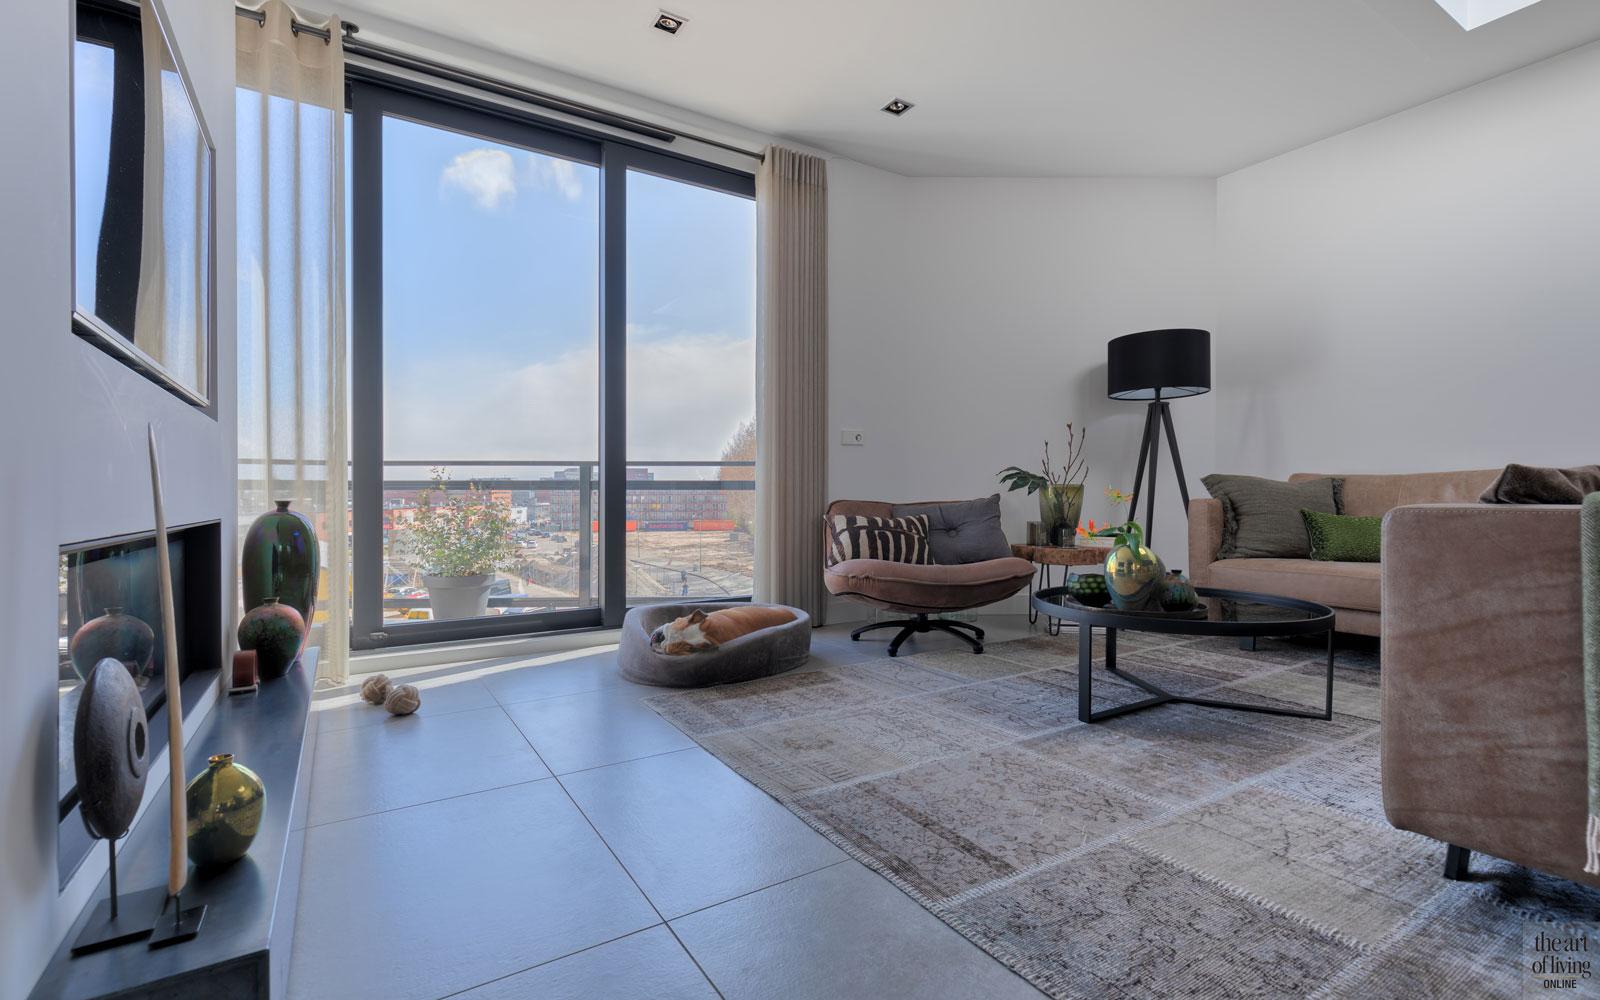 Woonkamer, living, zithoek, grote ramen, uitzicht, strakke tweekapper, kabaz, C. van der Grift